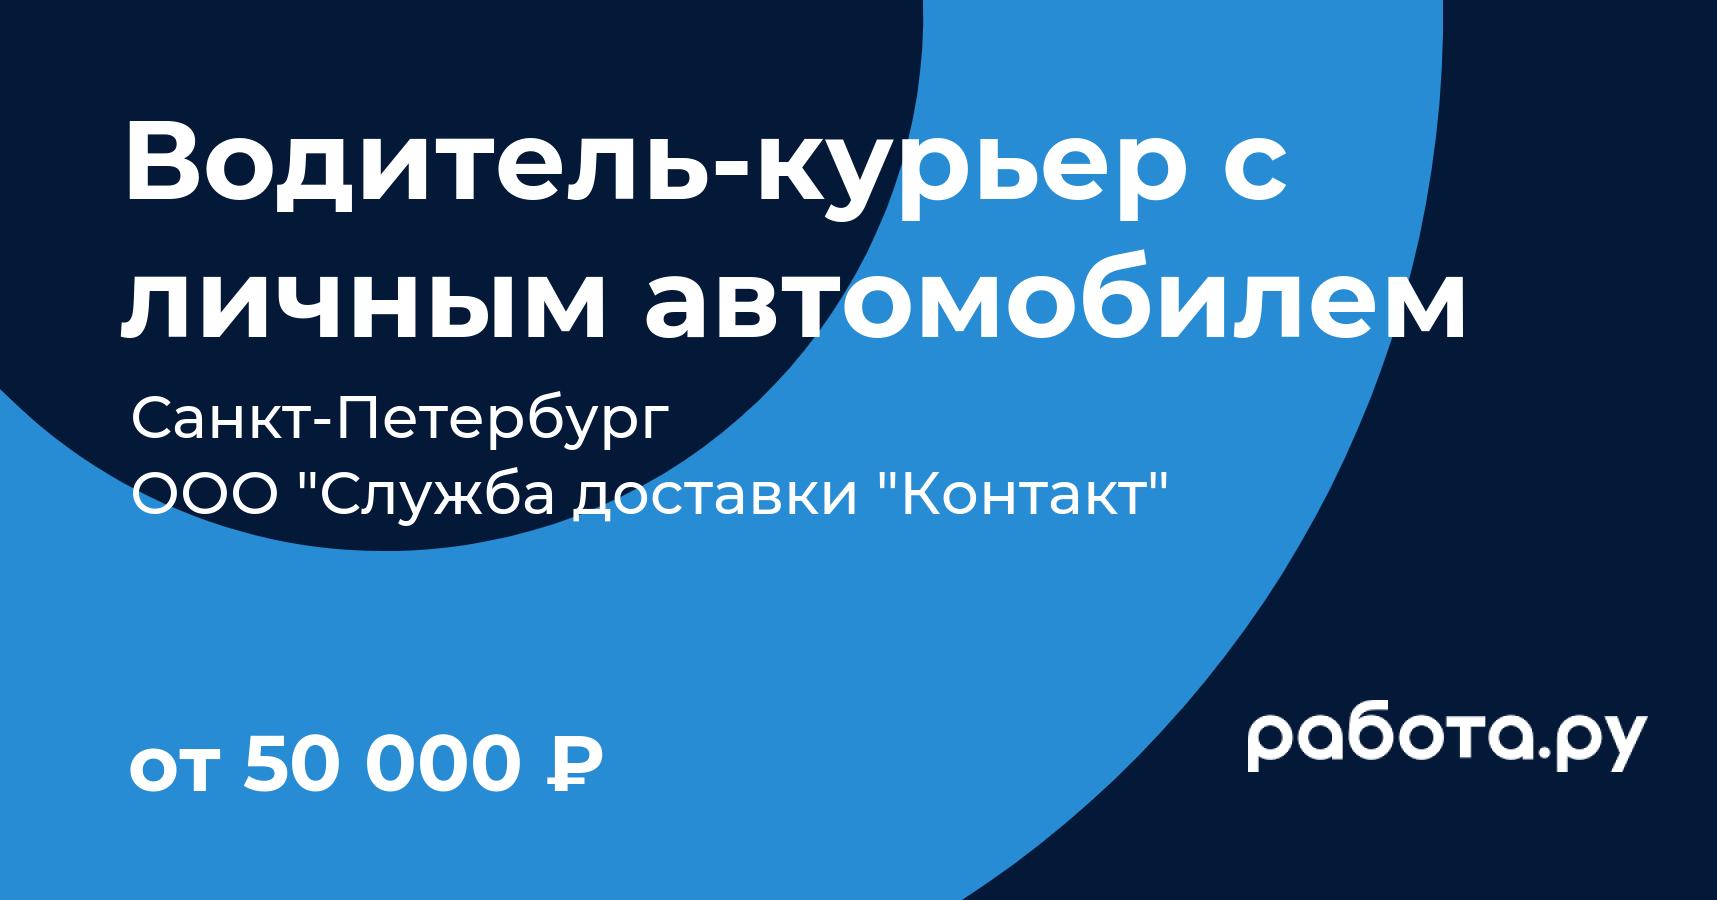 Работа людям предпенсионного возраста вакансии личный кабинет в пенсионном фонде кемеровской области